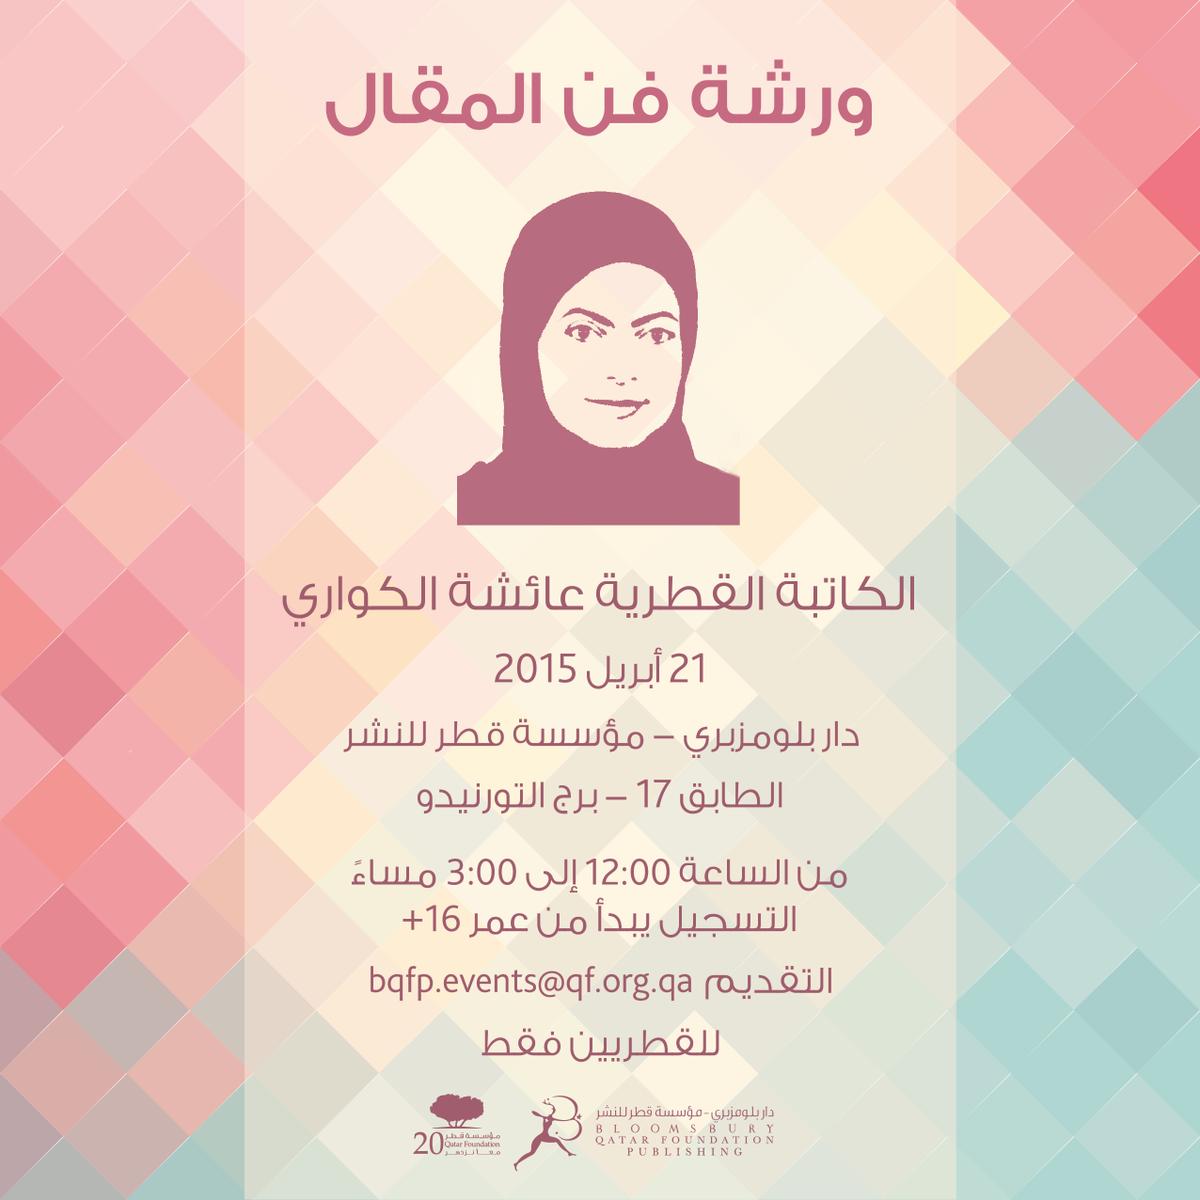 سارعوا للتسجيل في ورشة فن المقال للكاتبة عائشة الكواري #Qatar #Doha #BQFP5 @aishaalkuwari7 http://t.co/uCB84htXhE